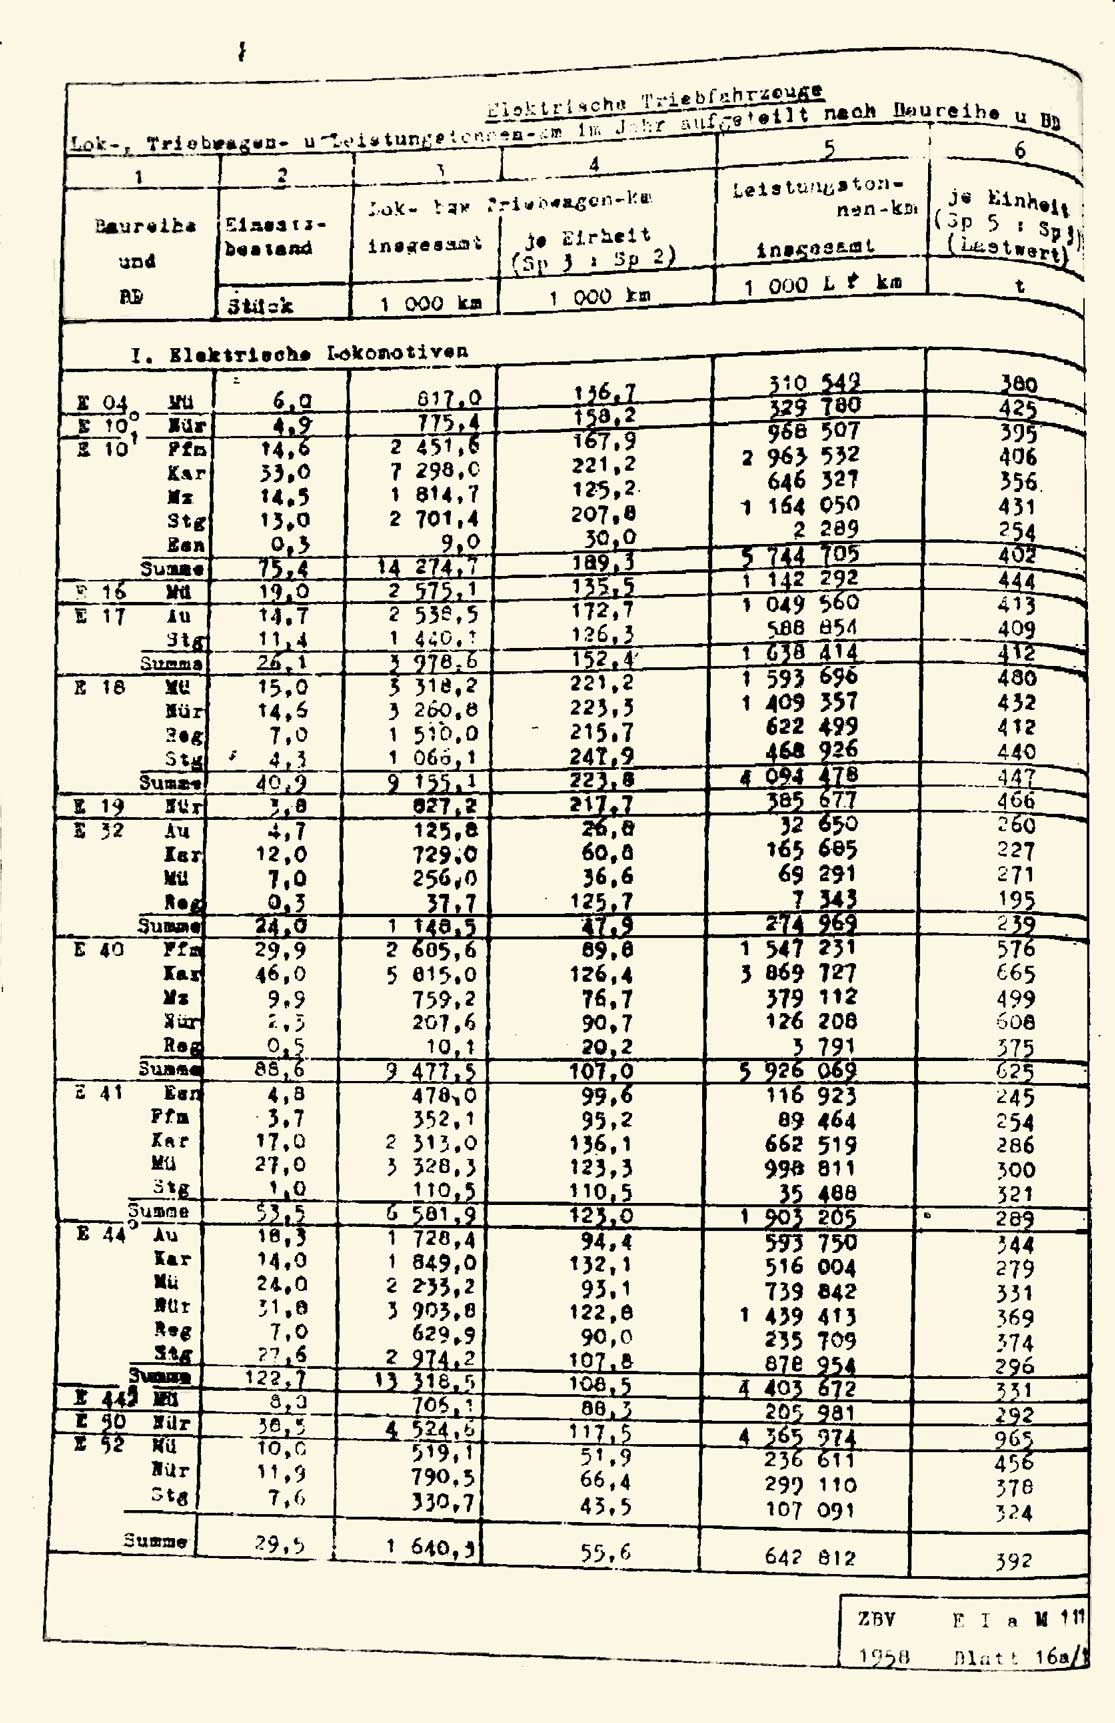 Elektr-Zugfoerderung-1958-1